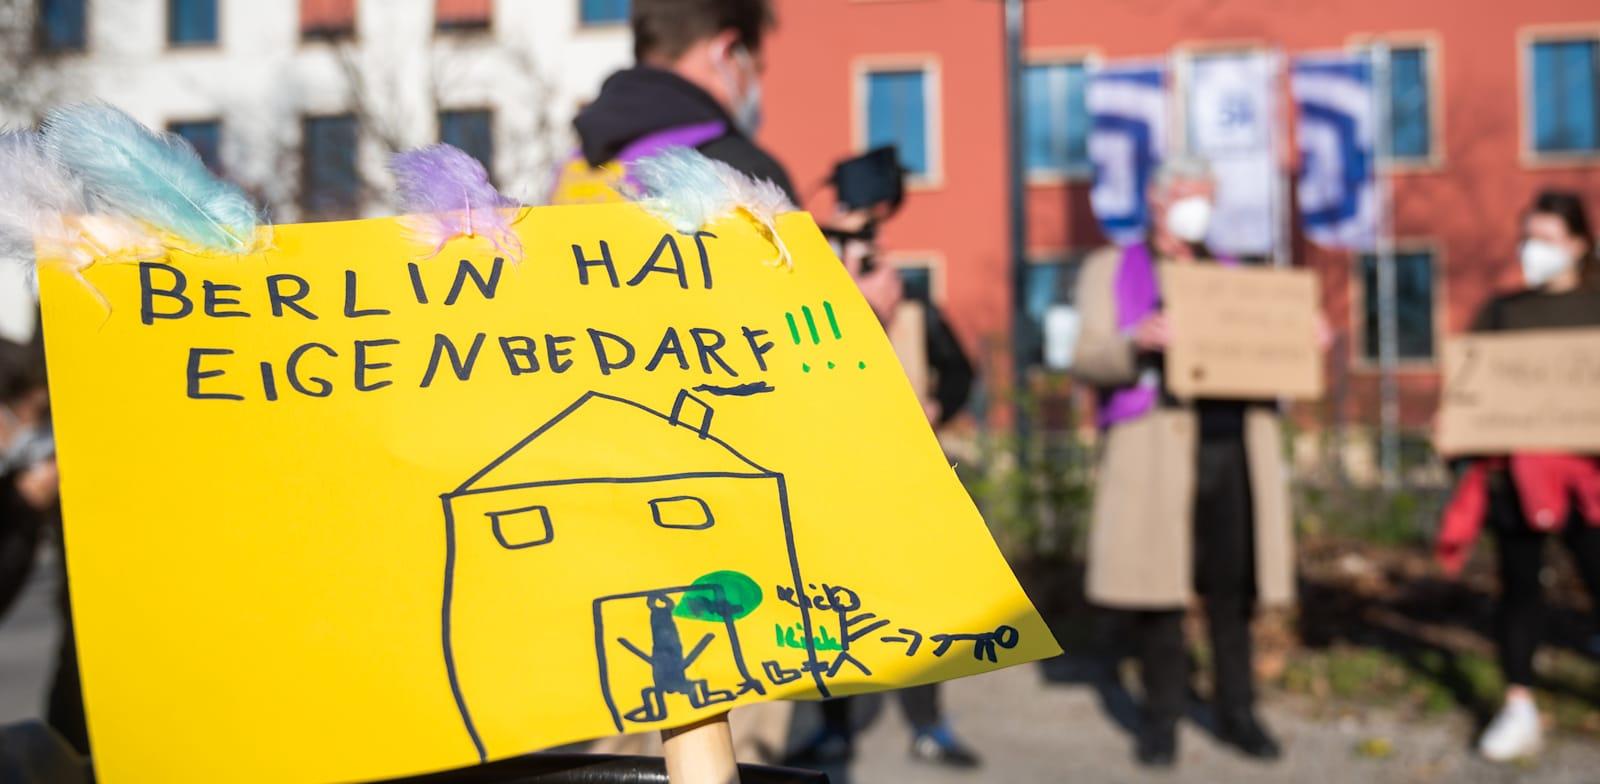 הפגנה נגד מחירי השכירות בברלין / צילום: Reuters, Christophe Gateau